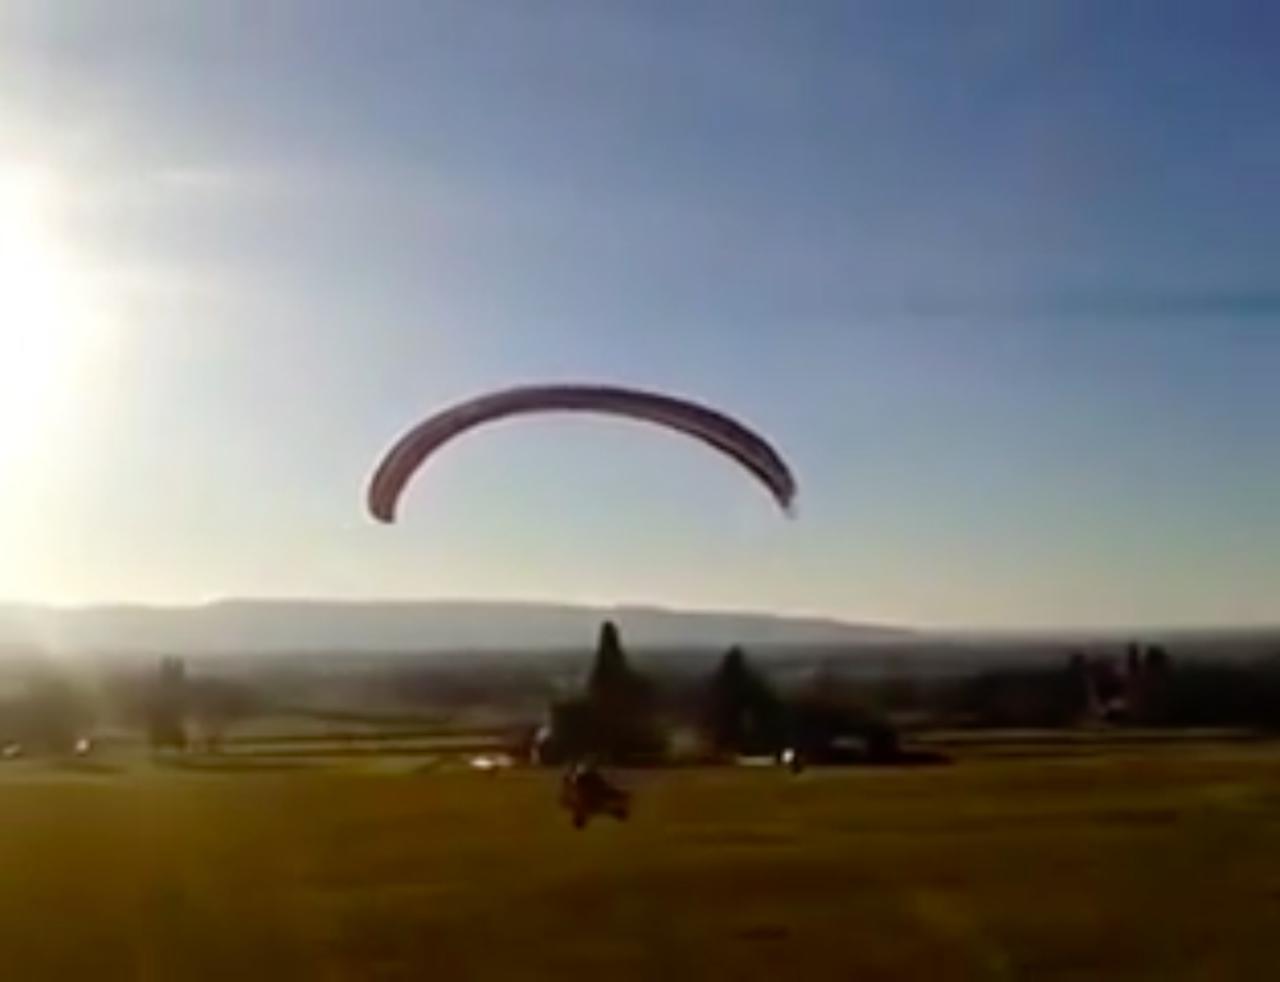 画像: え〜、アペにパラグライダーをつけて、空を飛ぼうというワケですかぃ〜!!! www.youtube.com